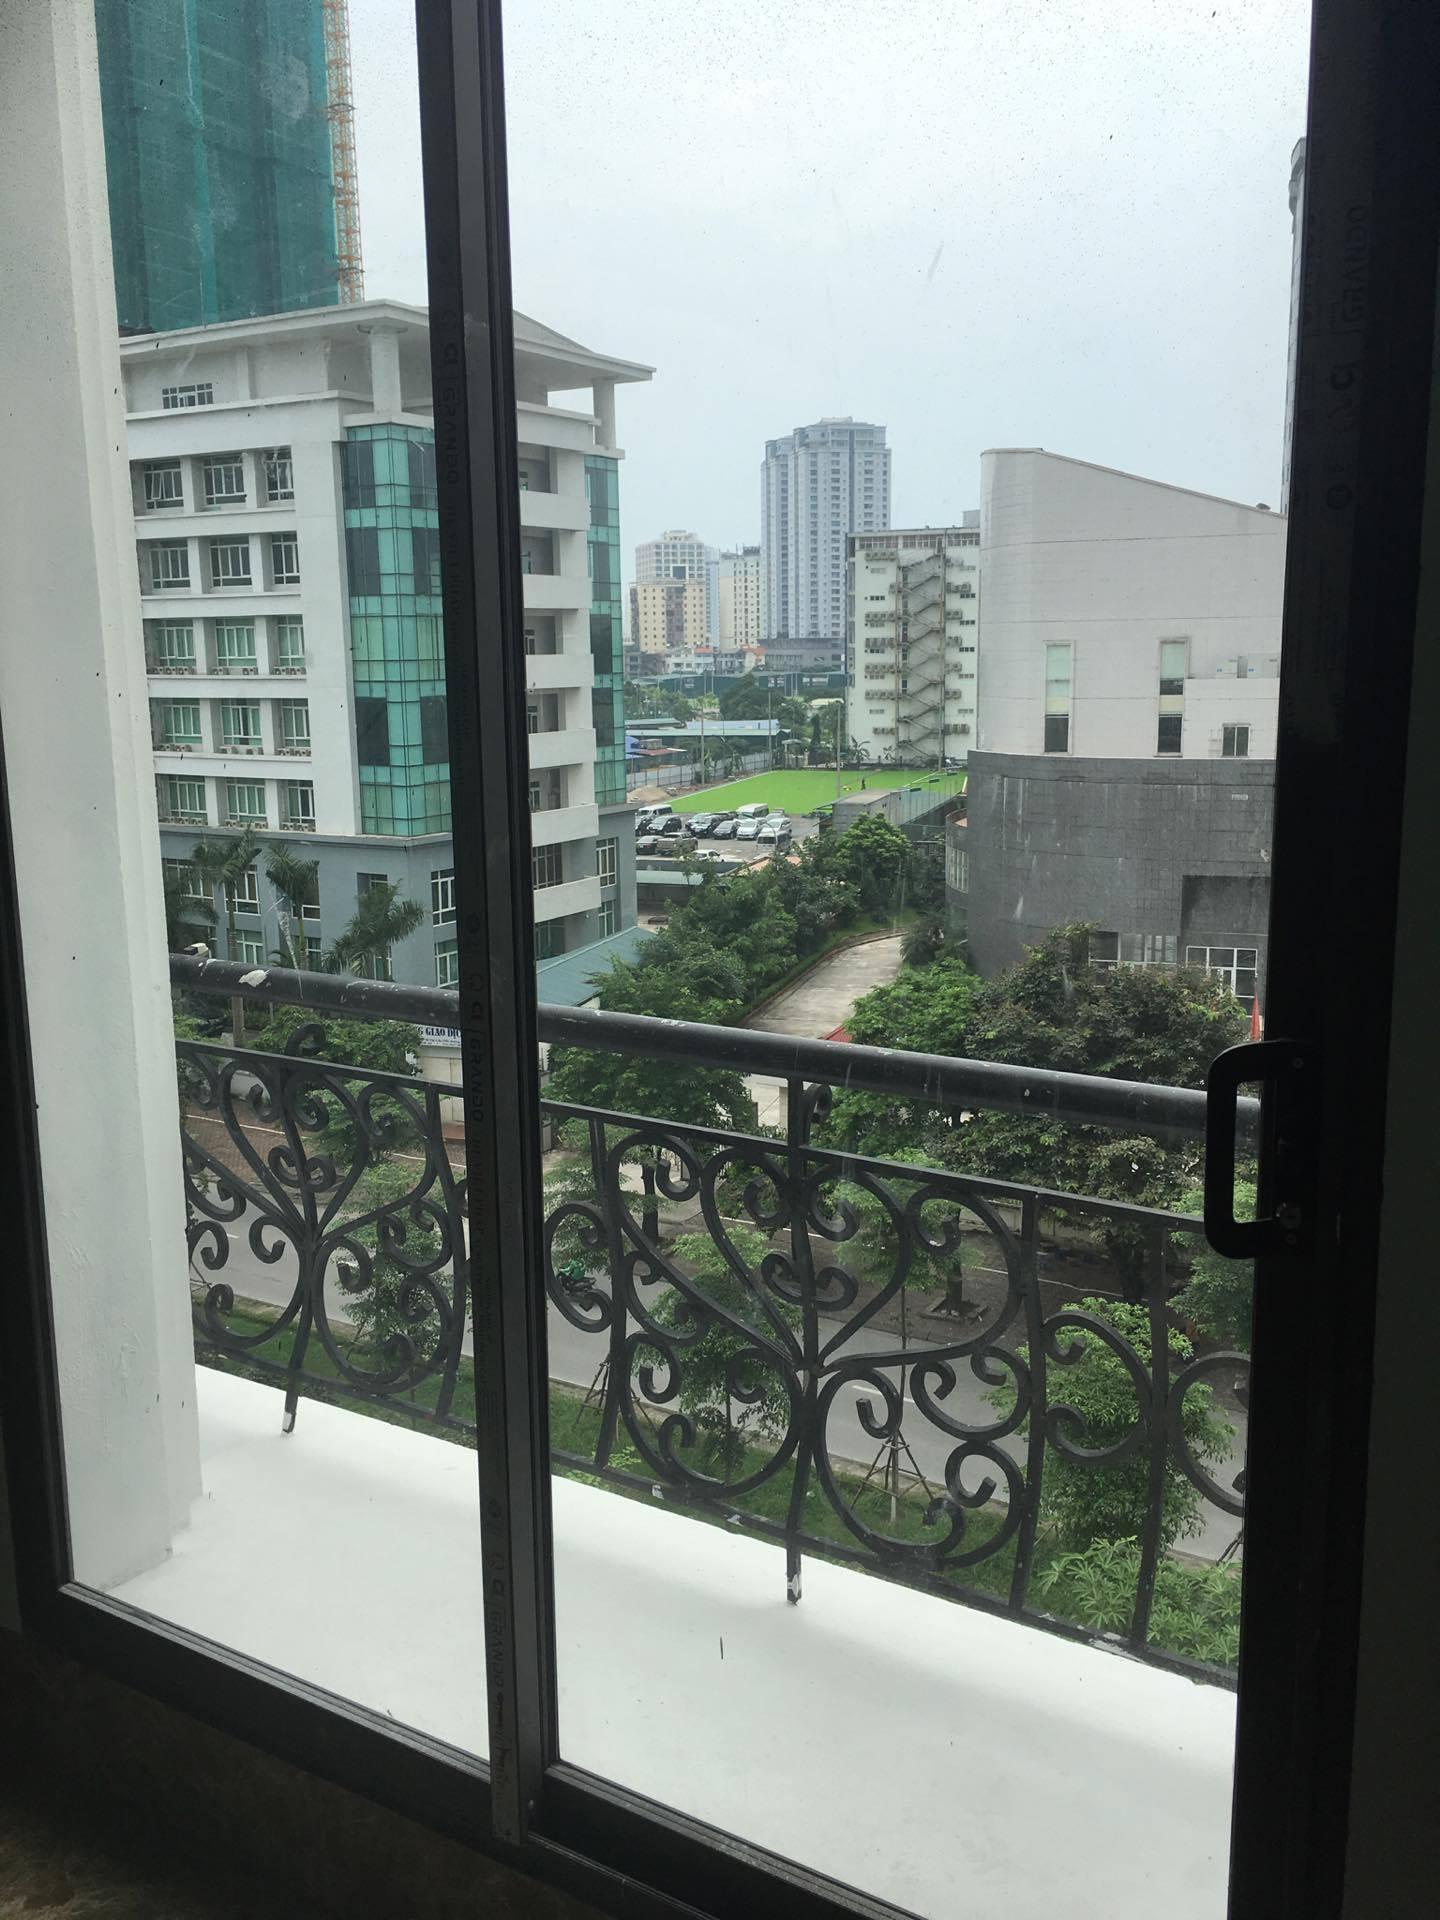 https://cdn.realtorvietnam.com/uploads/real_estate/209610381919350048332304525073454o_1503150930.jpg